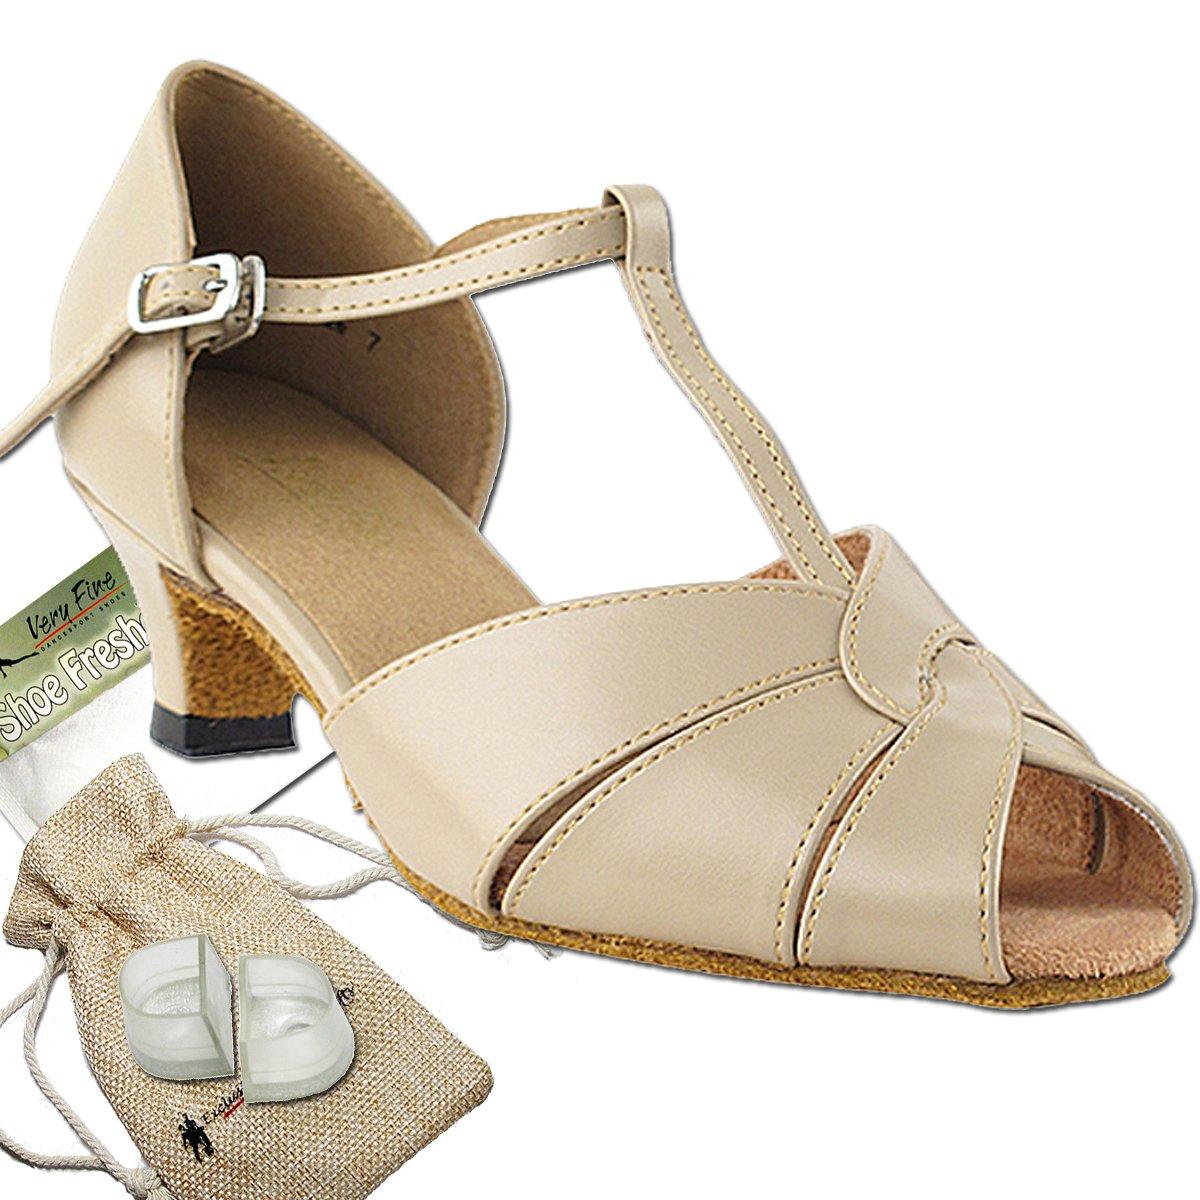 [Very Fine Shoes] レディース B0753KVFVT タンレザー 5.5 (B,M) US